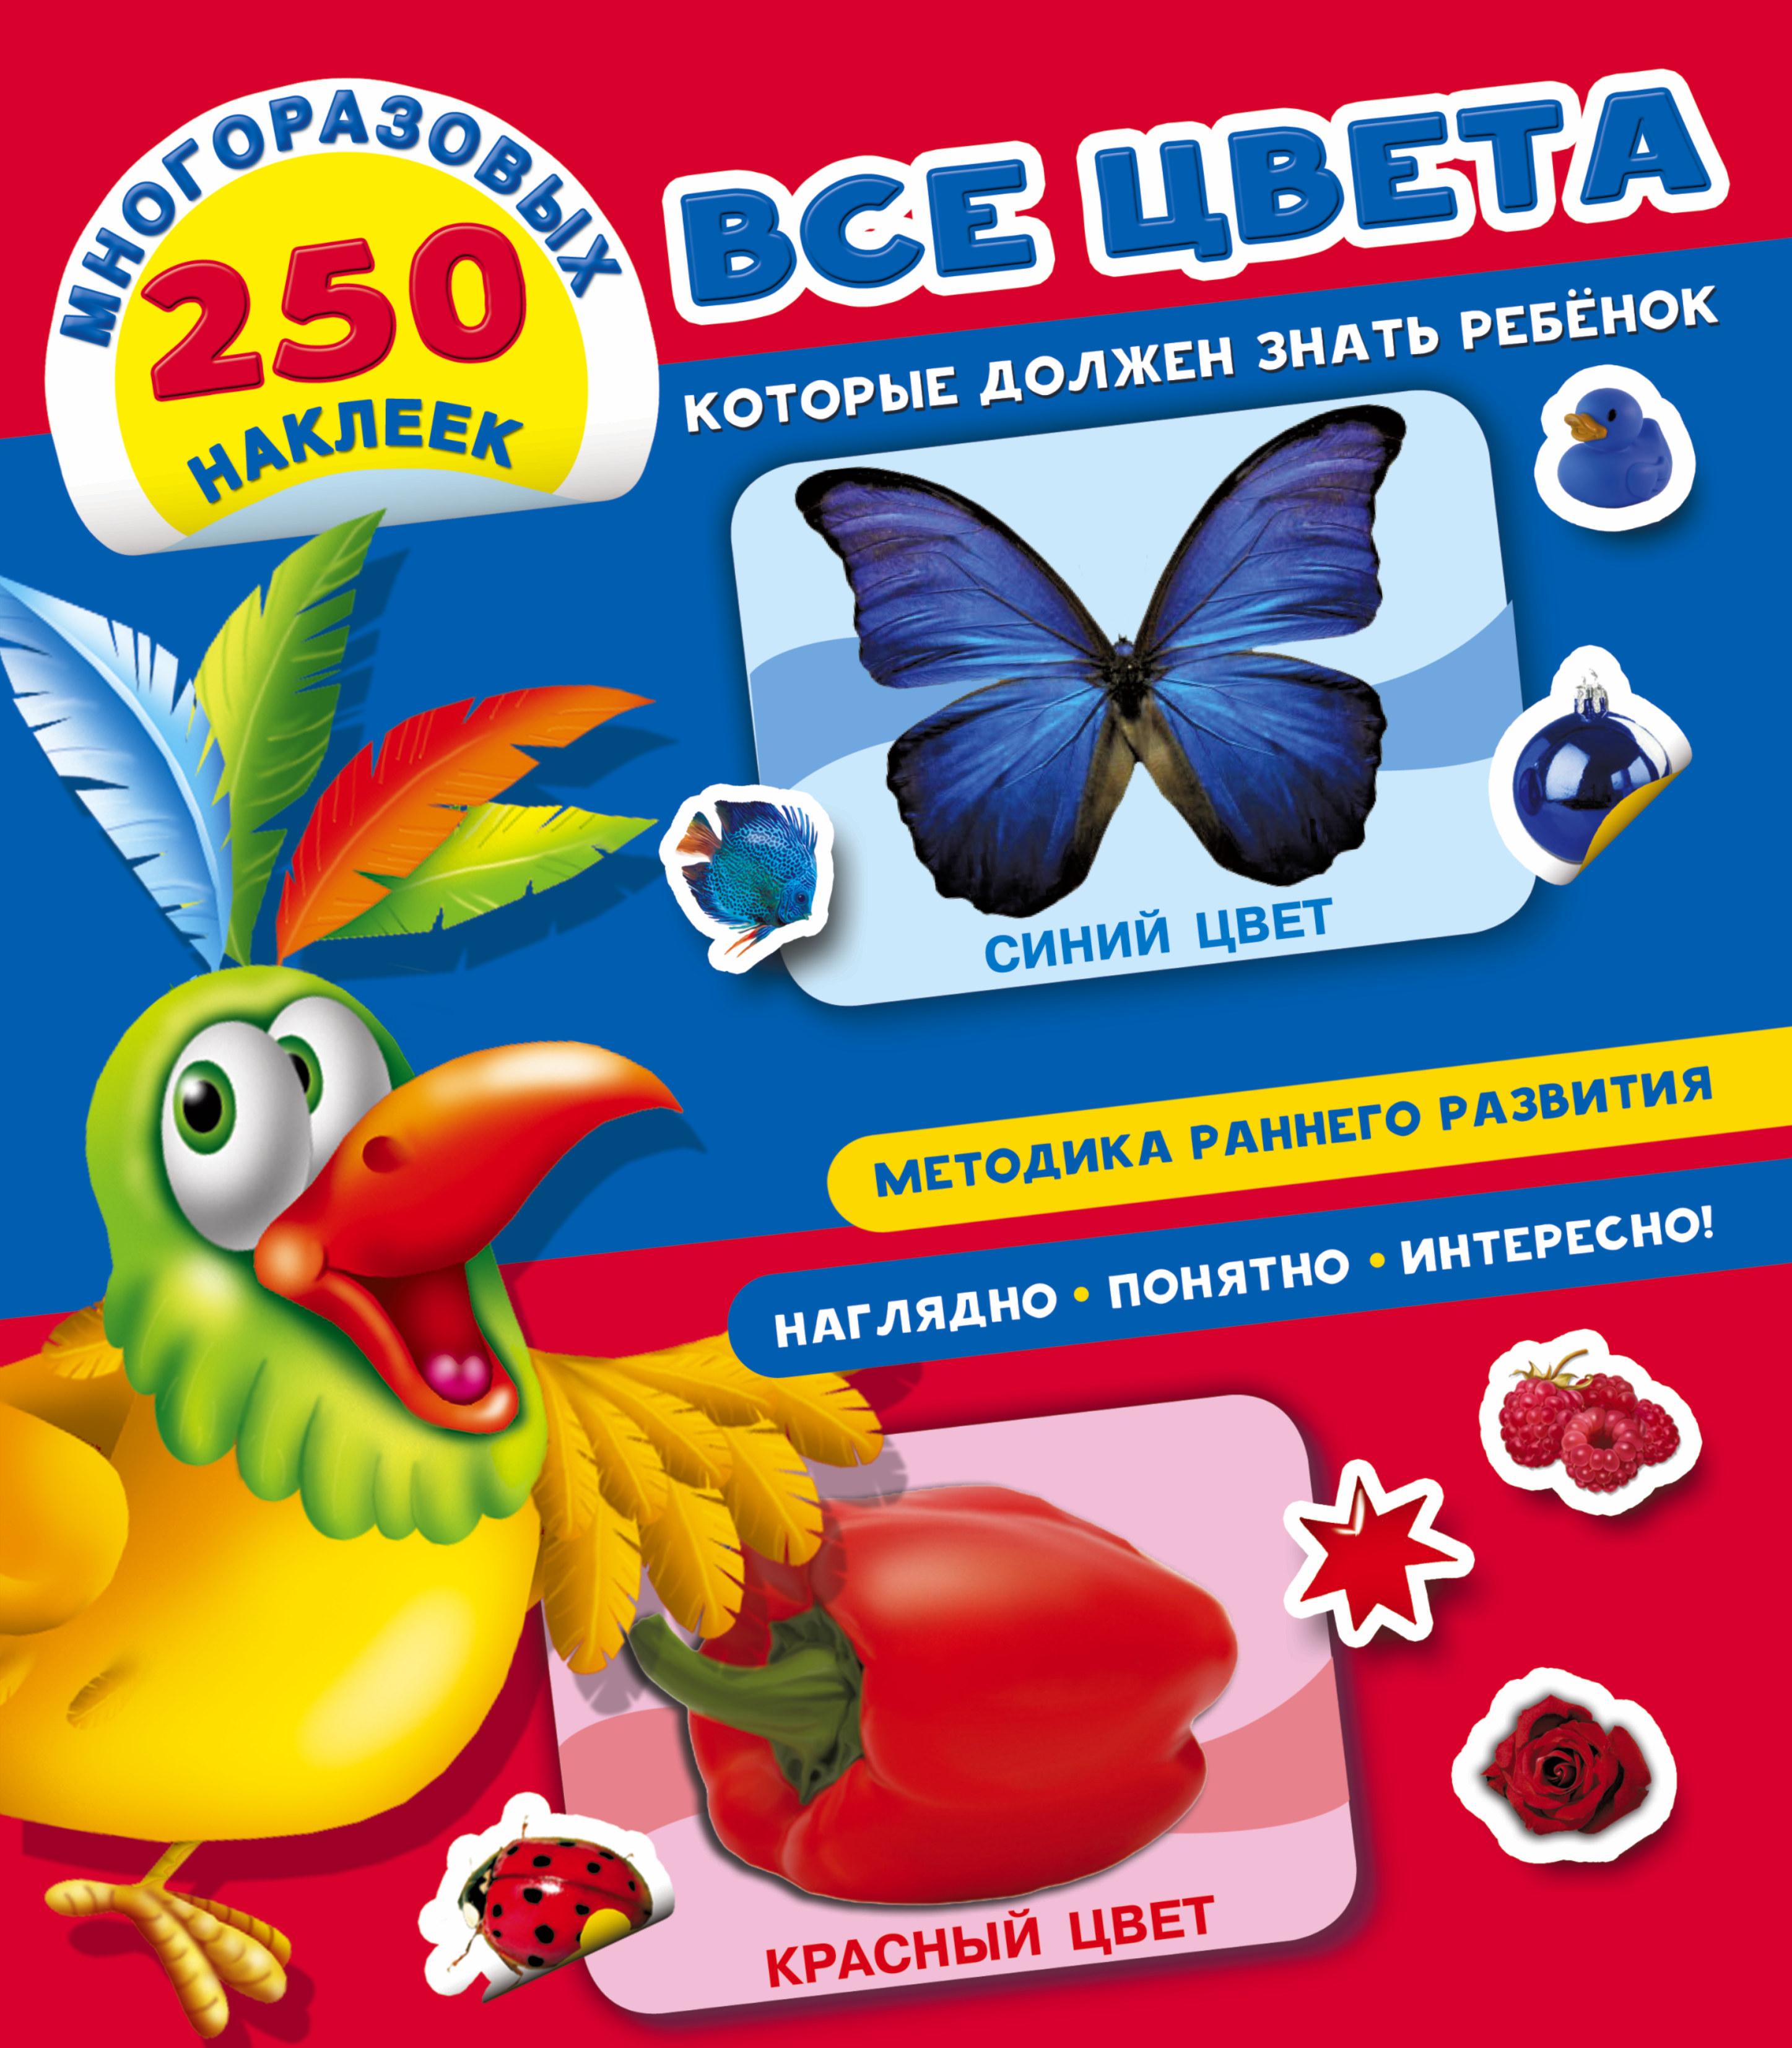 Все цвета, которые должен знать ребенок ( Дмитриева В.Г.  )